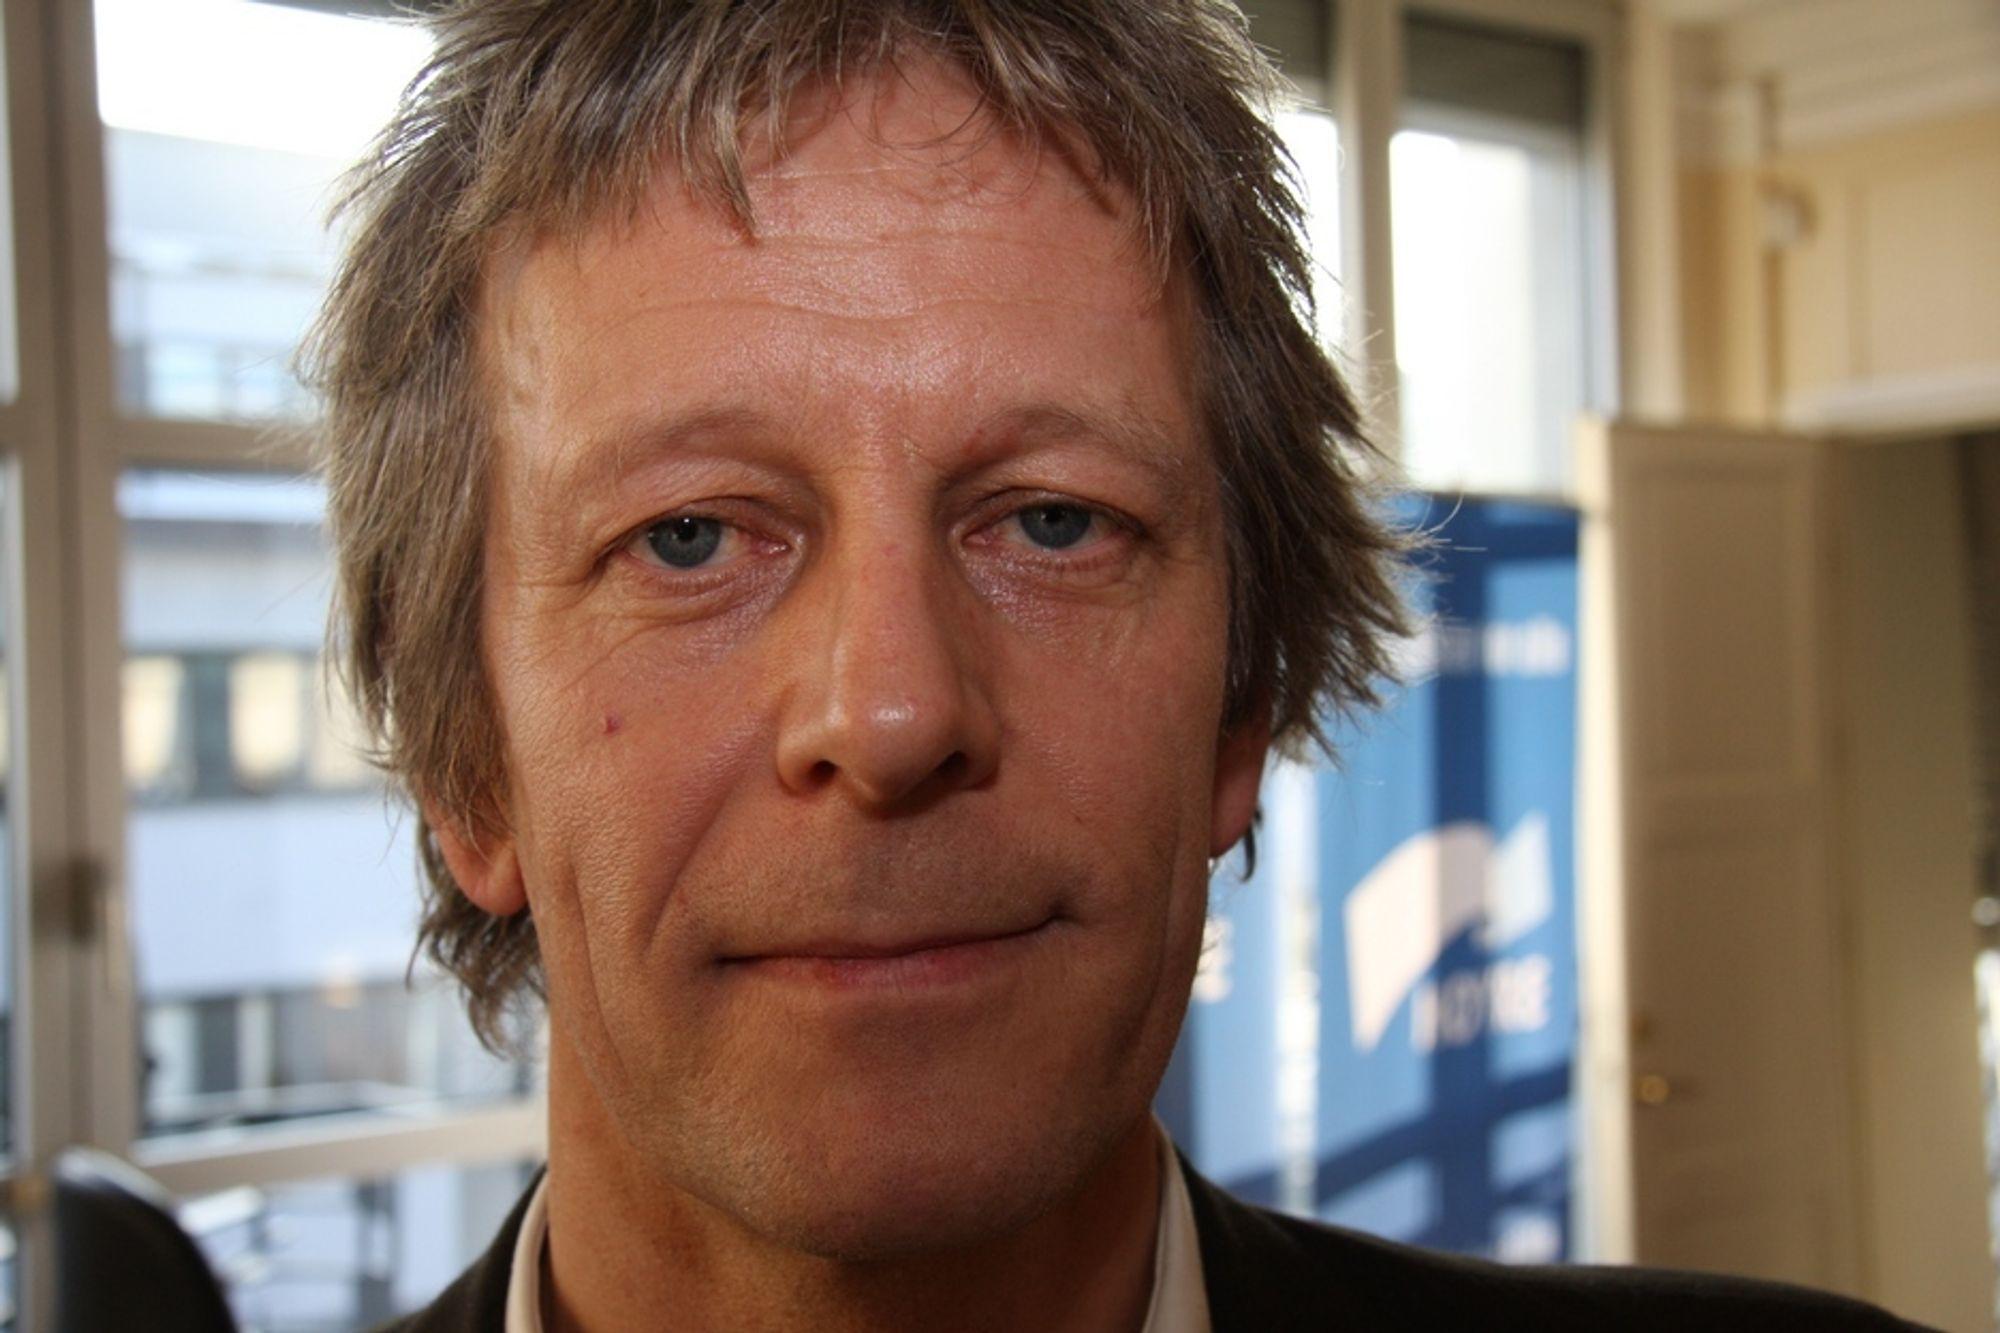 KREVER GRANSKNING: Hvis det ikke umiddelbart tas grep for å tilpasse de kommende utbyggingene ut i fra en helhetlig plan som er i tråd med stortingsvedtaket, så er dette en sak for Riksrevisjonen, sier Thor Westergaard Bjørlo.